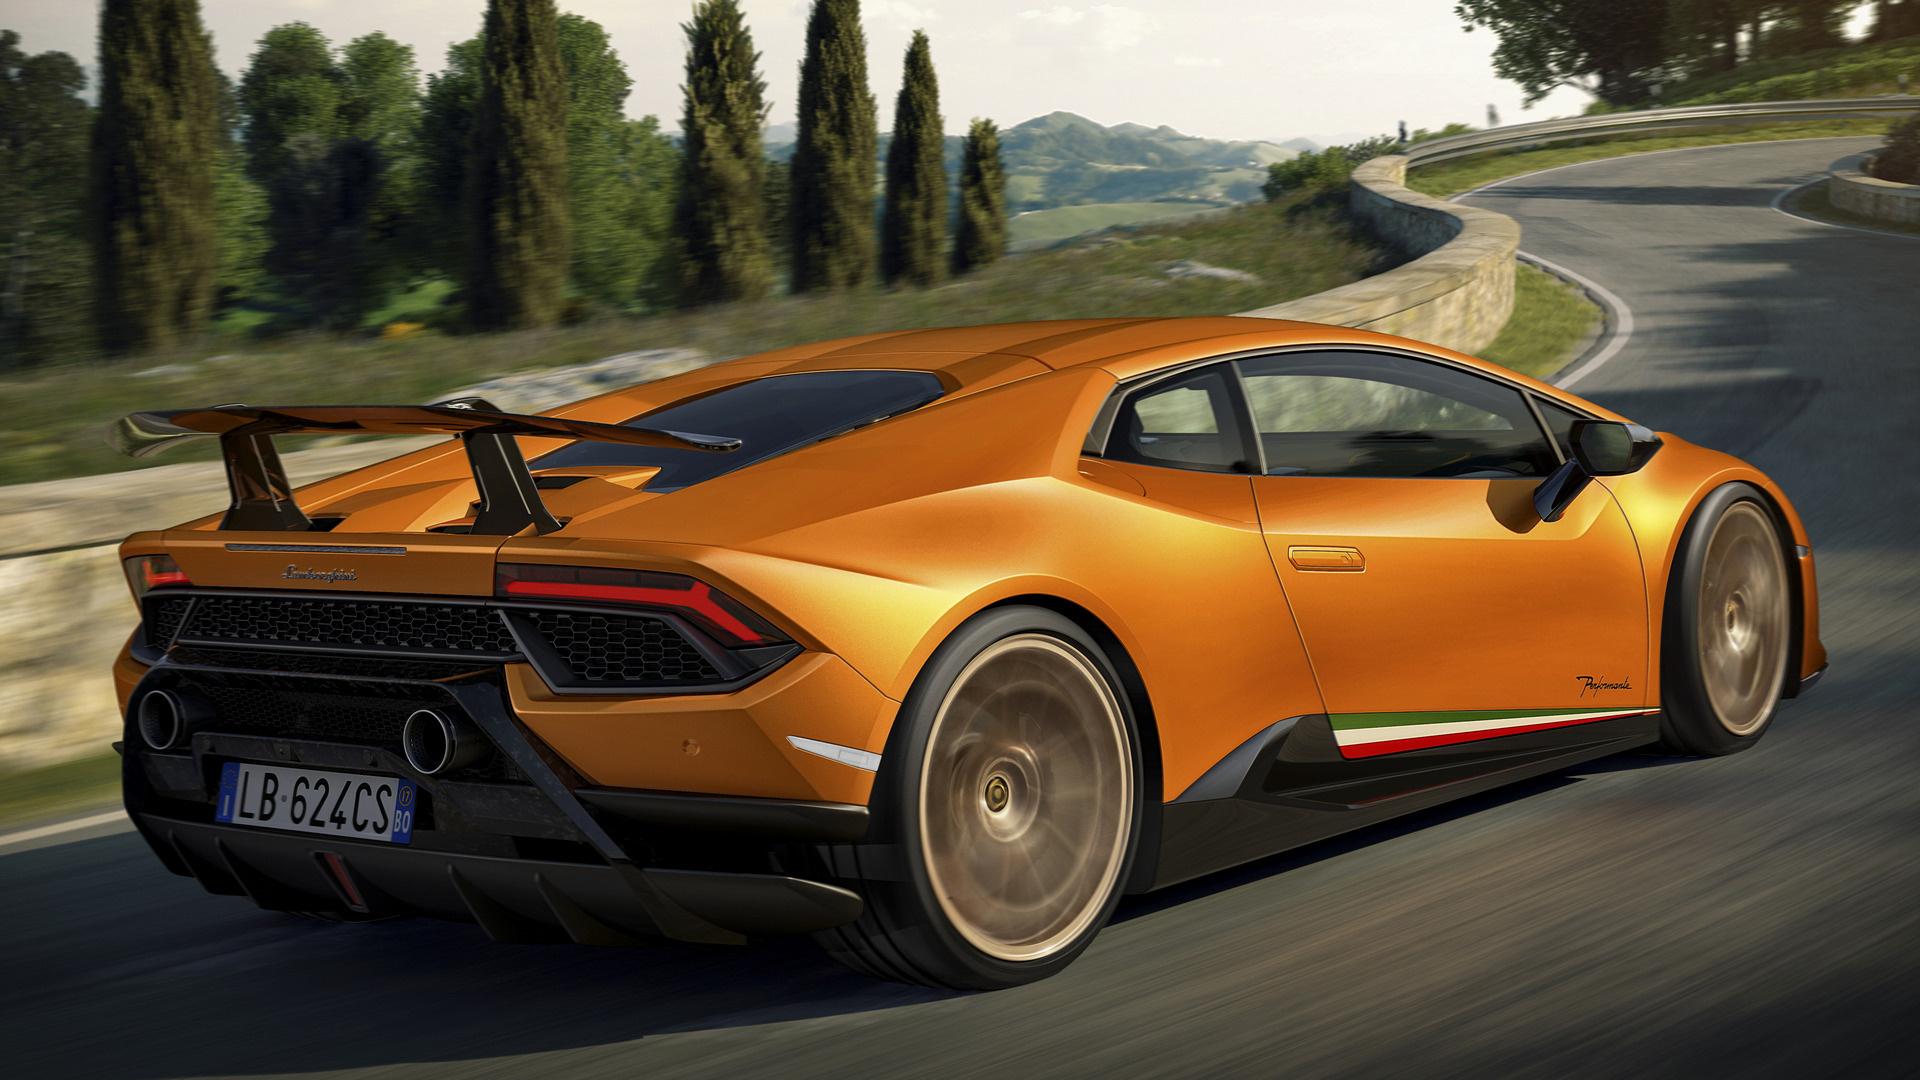 Lamborghini Huracan Performante (2017) Wallpapers and HD ...